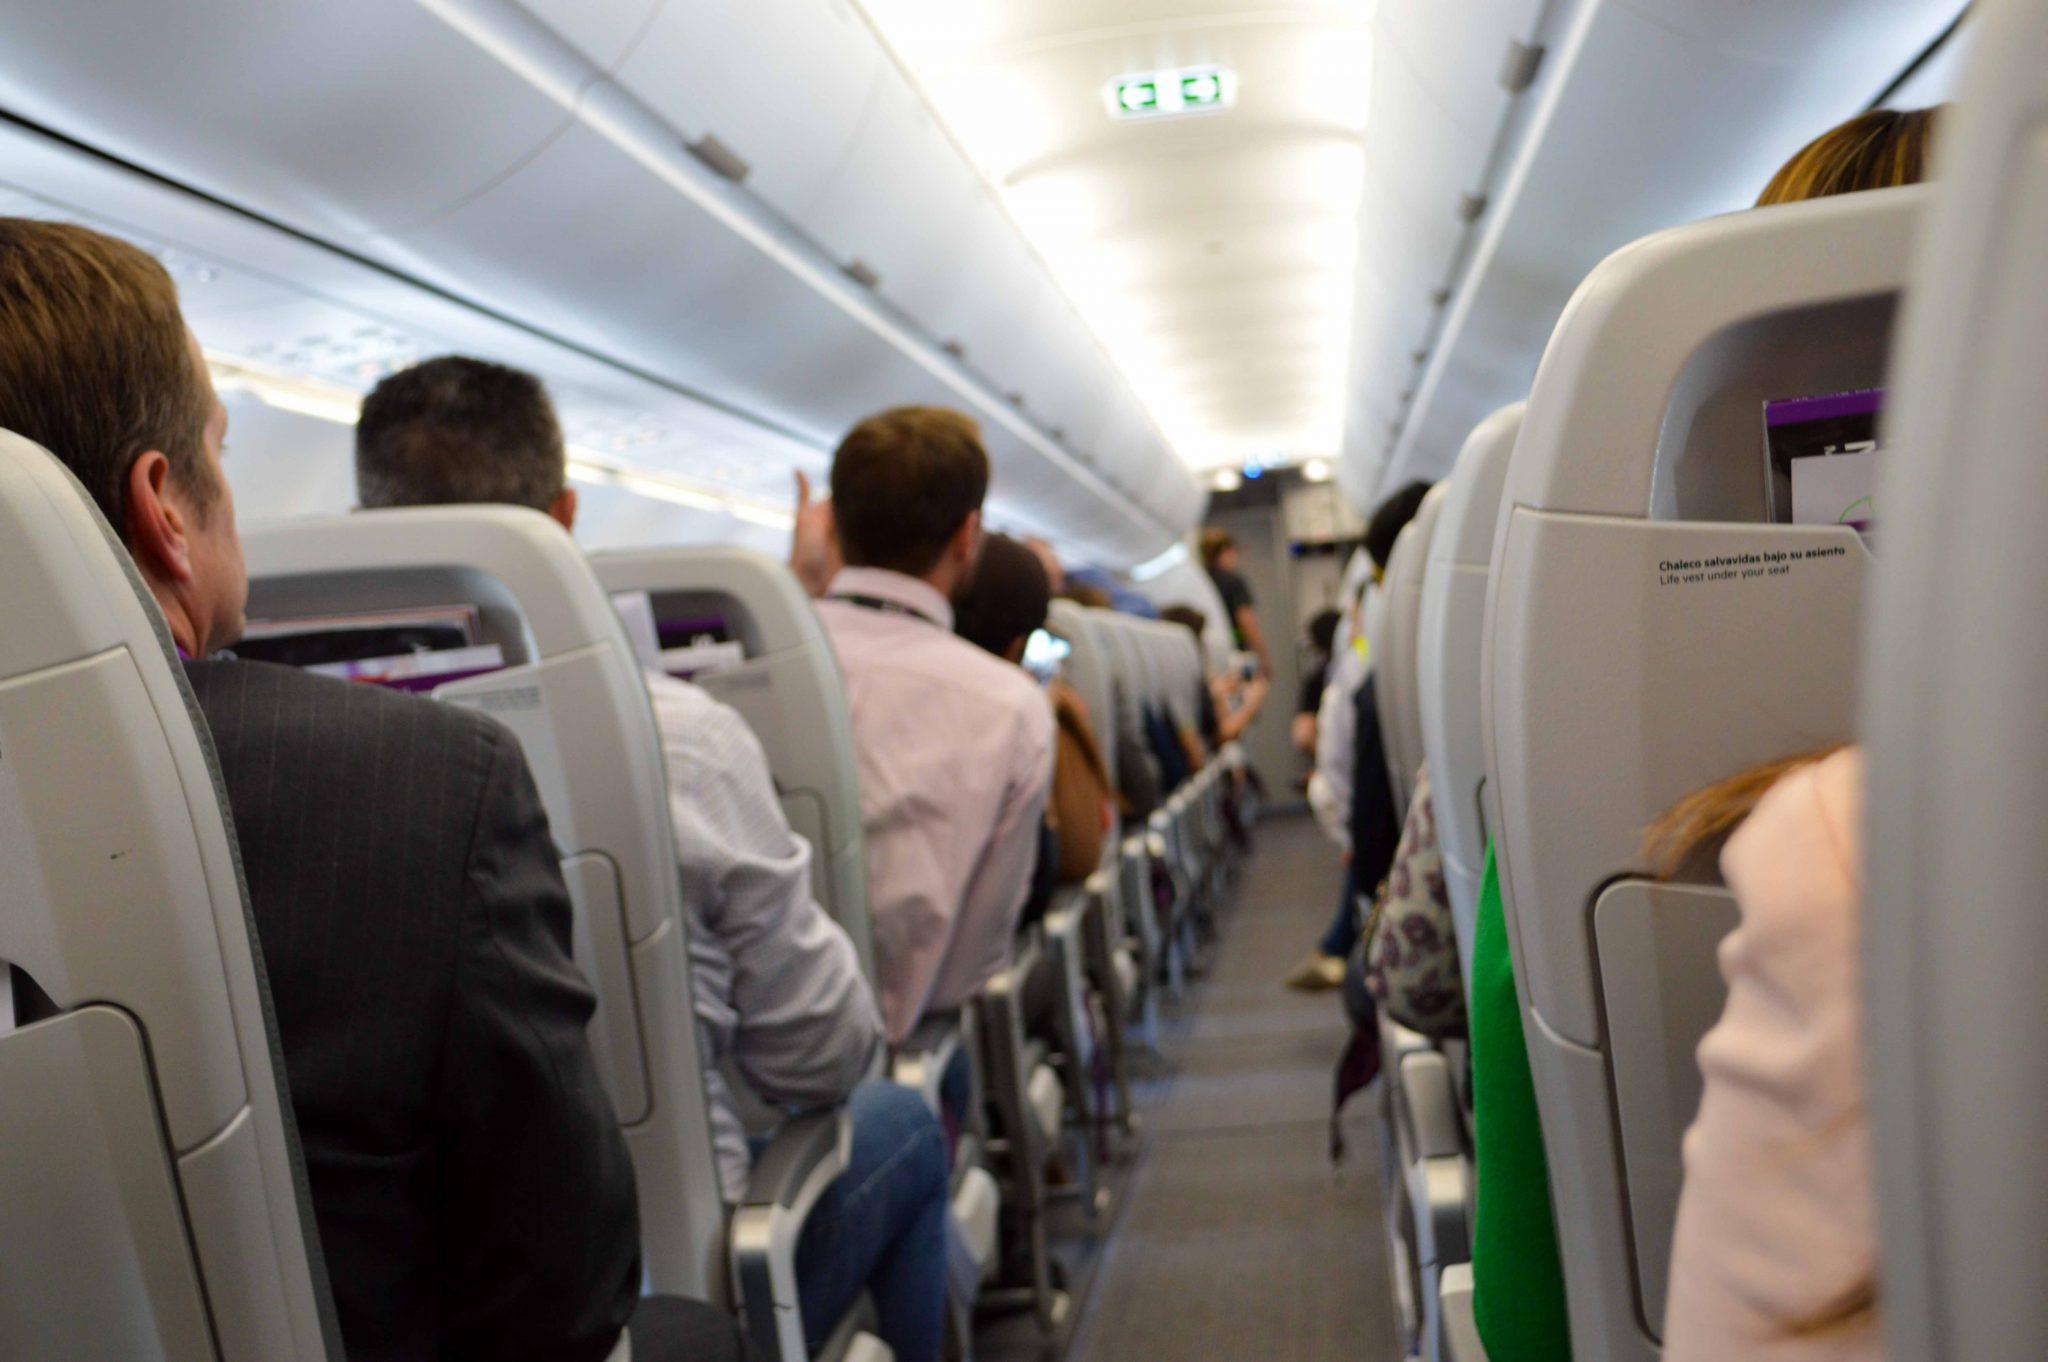 Inmovilizaron a pasajero ebrio que se puso agresivo en pleno vuelo usando cinta y correas